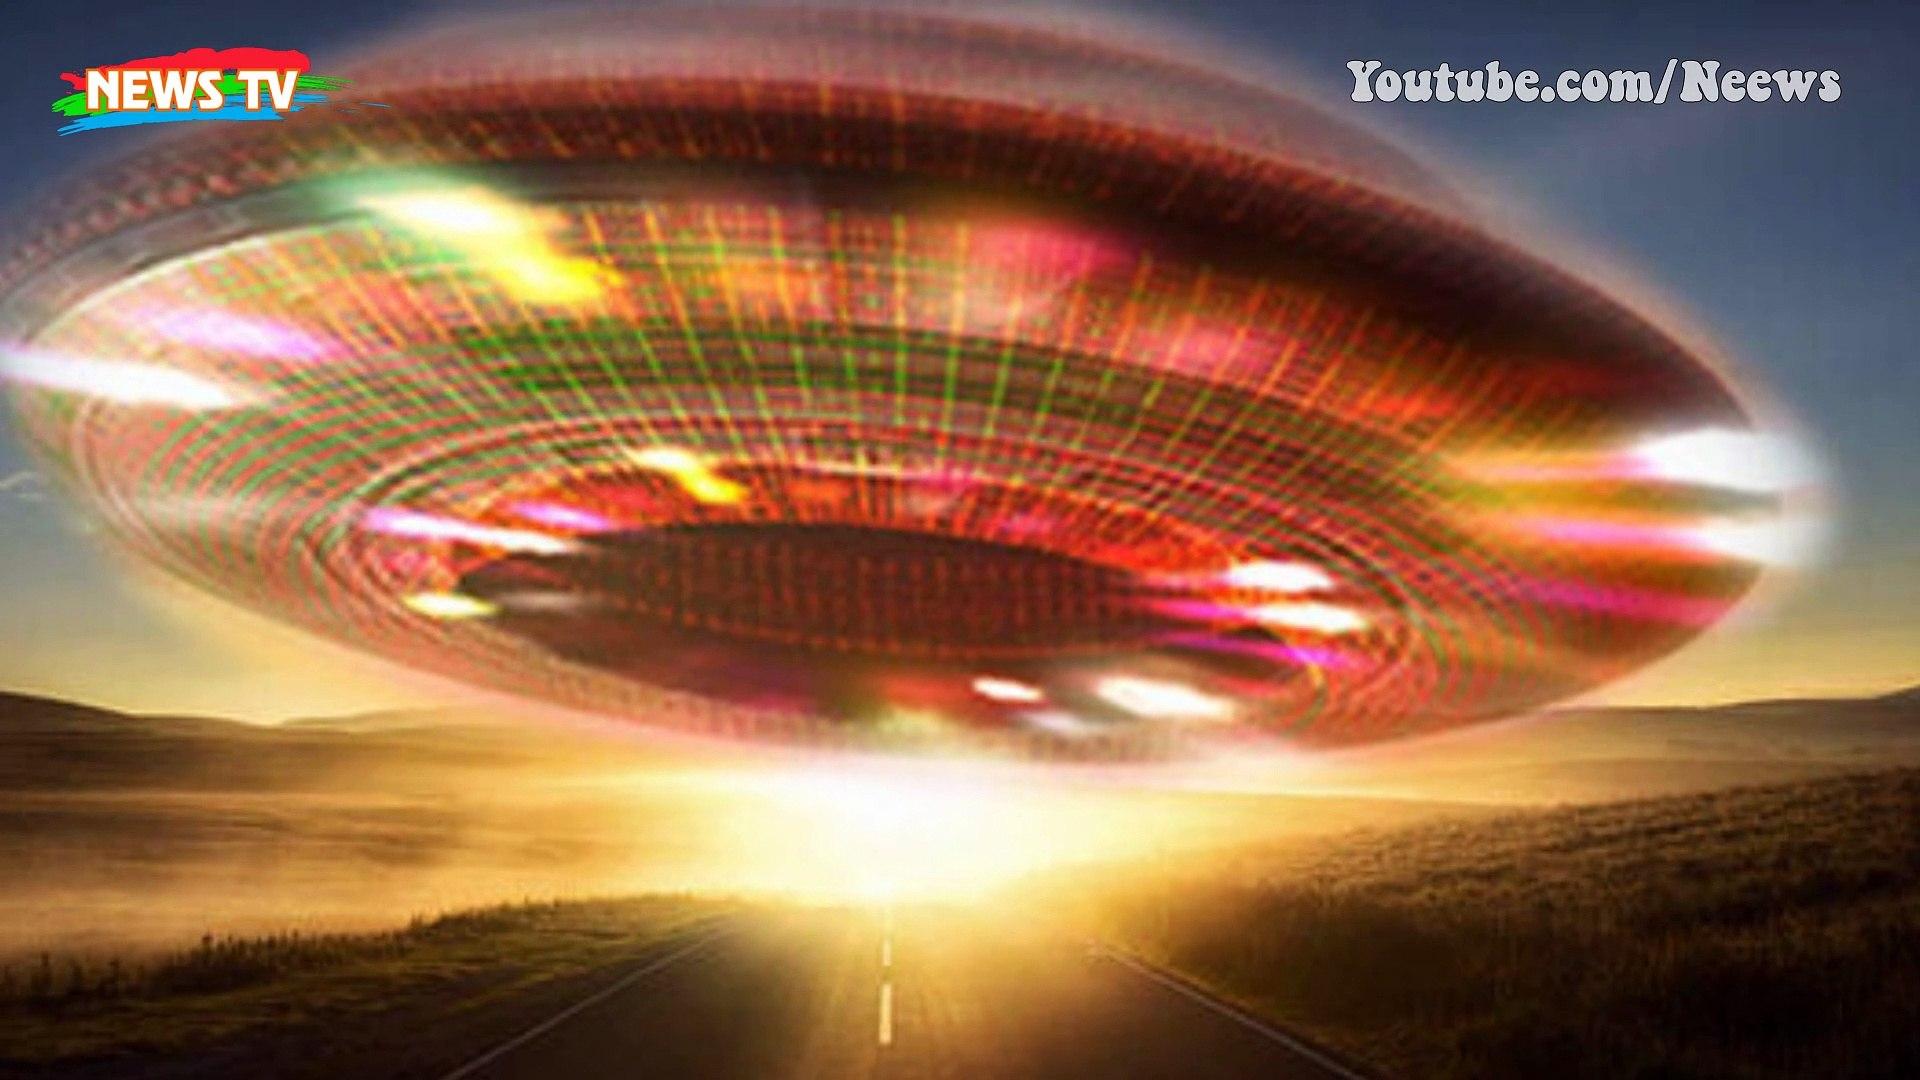 [Hồ sơ mật]. Tiết lộ vụ hàng chục lính Mỹ chóng mặt, choáng váng sau khi chạm trán UFO